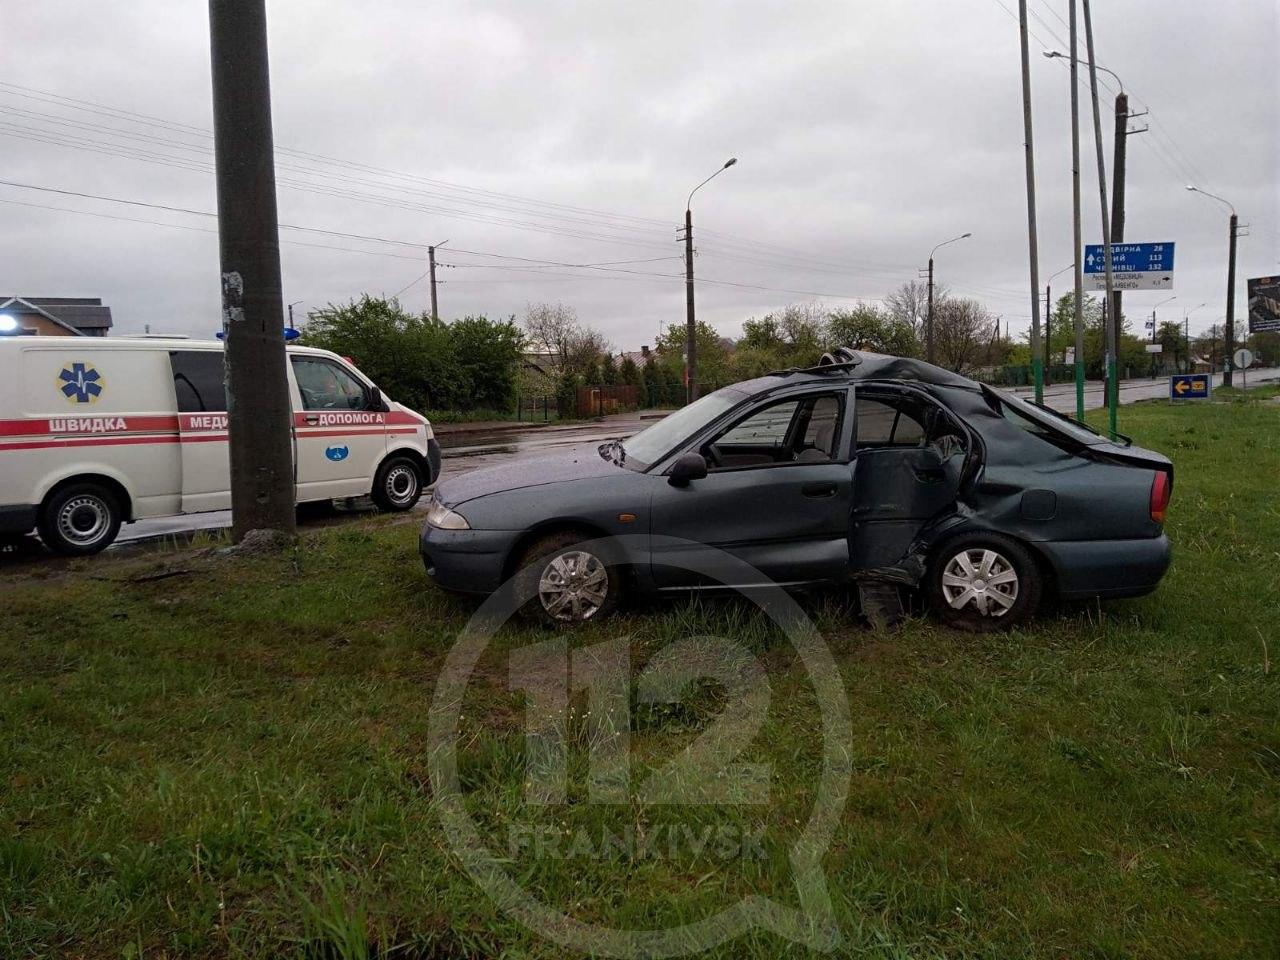 На Коновальця водій Міцубіші уникав ДТП із ДЕО, але розбився об електроопору, є травмовані (ФОТО)